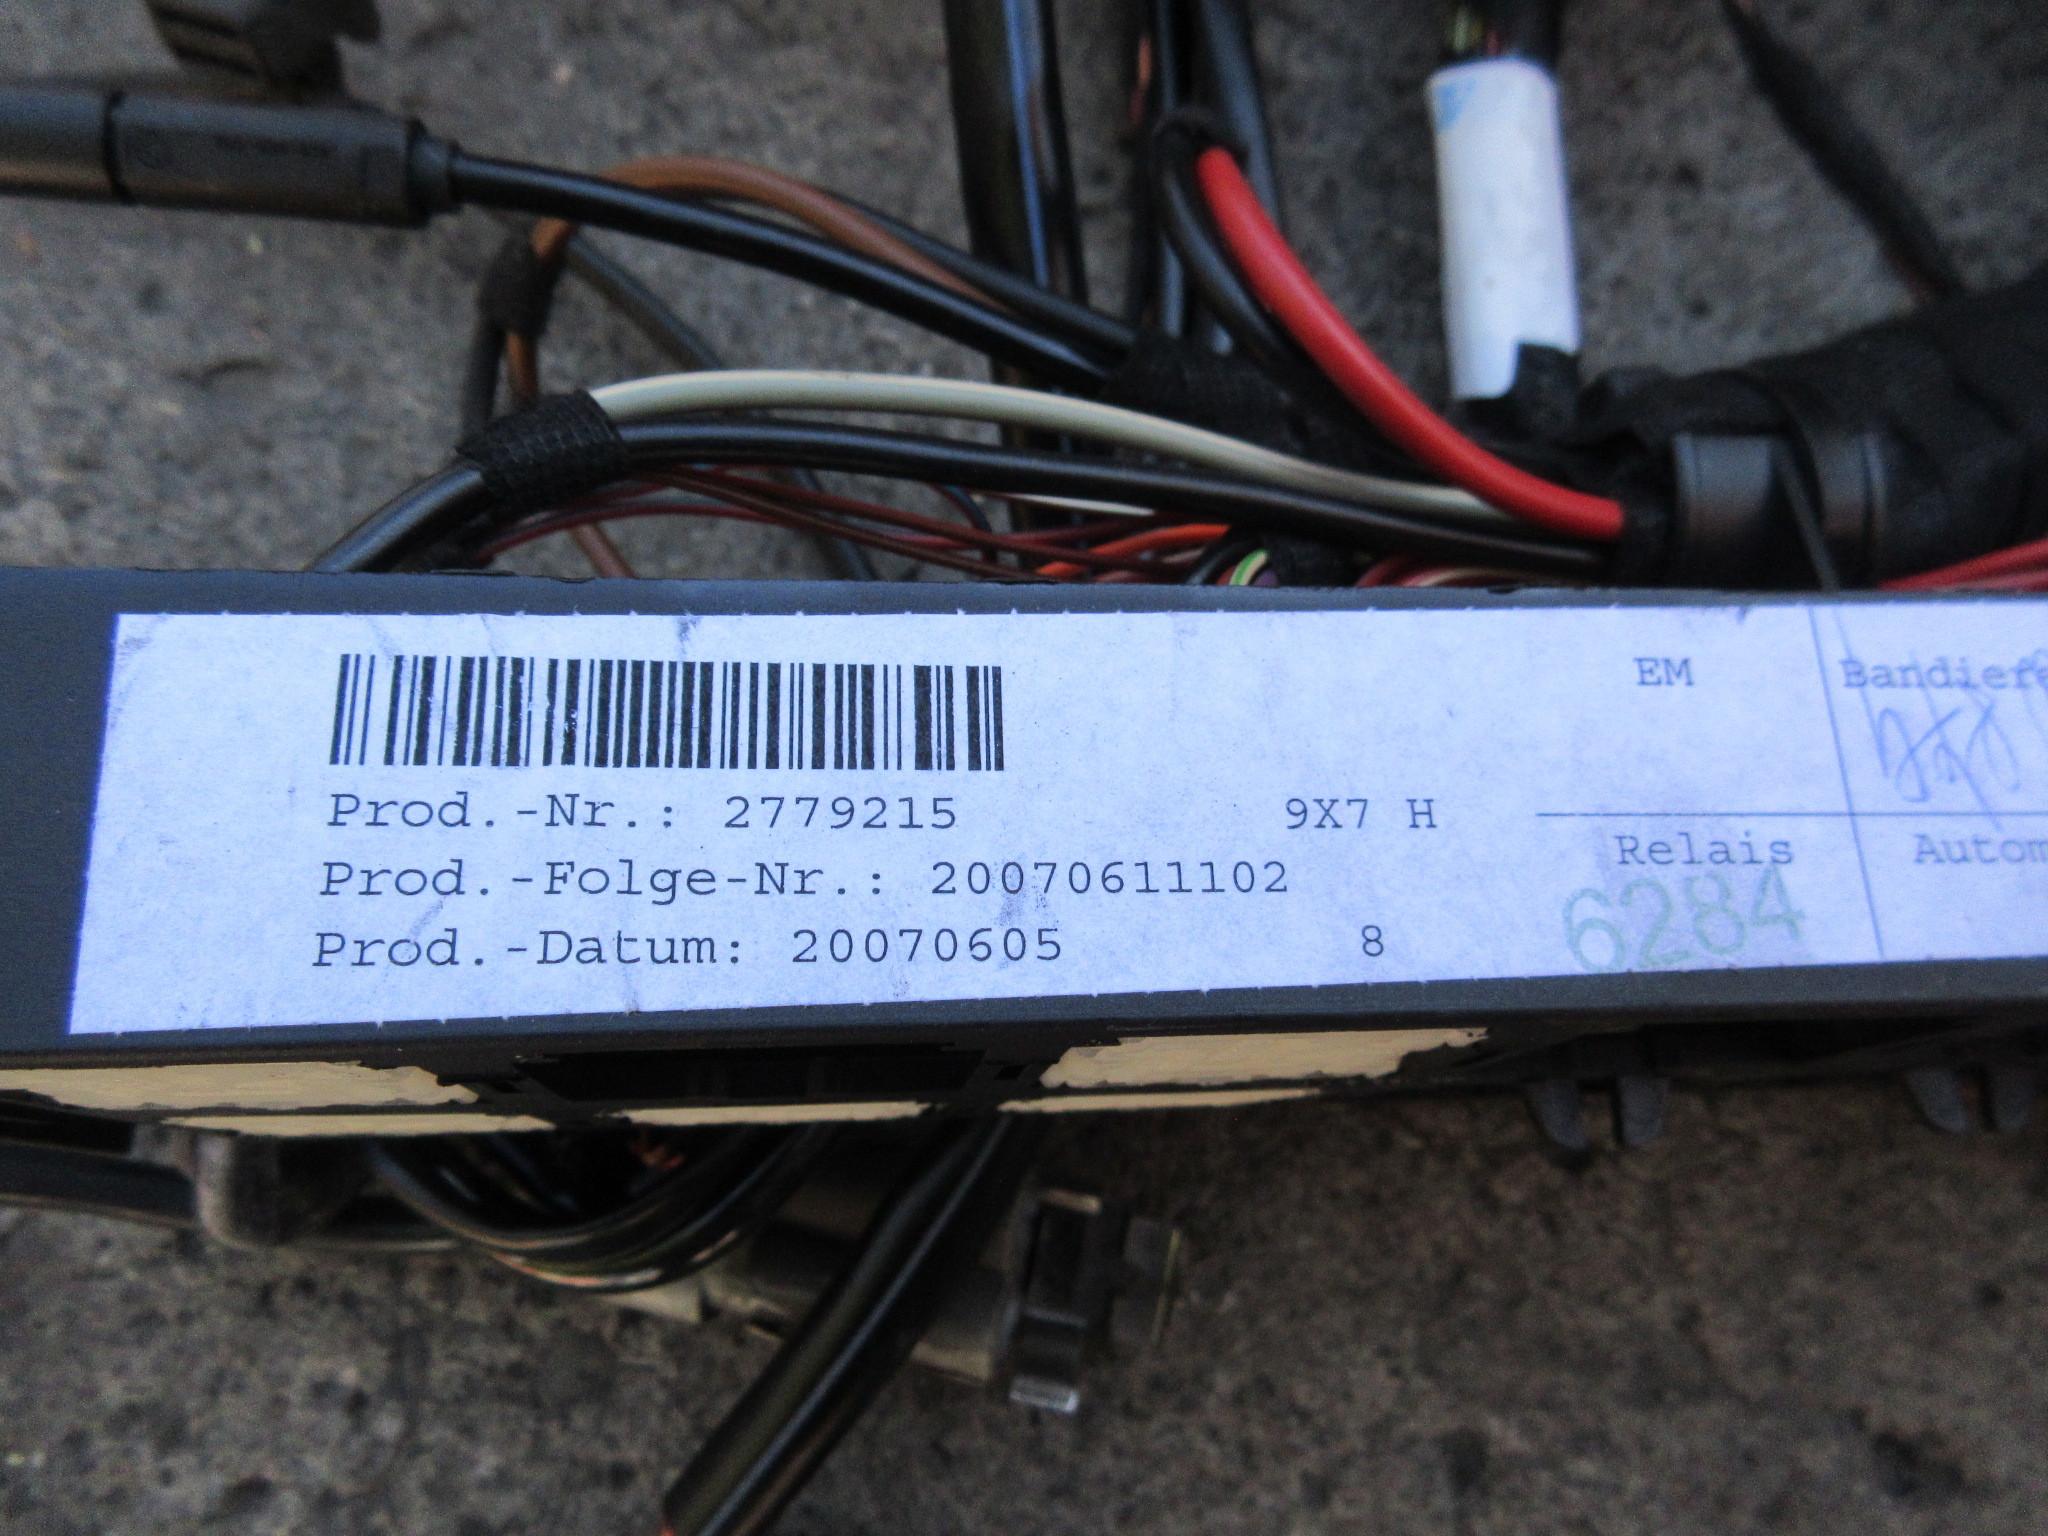 Porsche Wiring Harness Automotive Diagram 944 Loom 07 911 Turbo 997 1031 997tt Engine Dme Wire 356